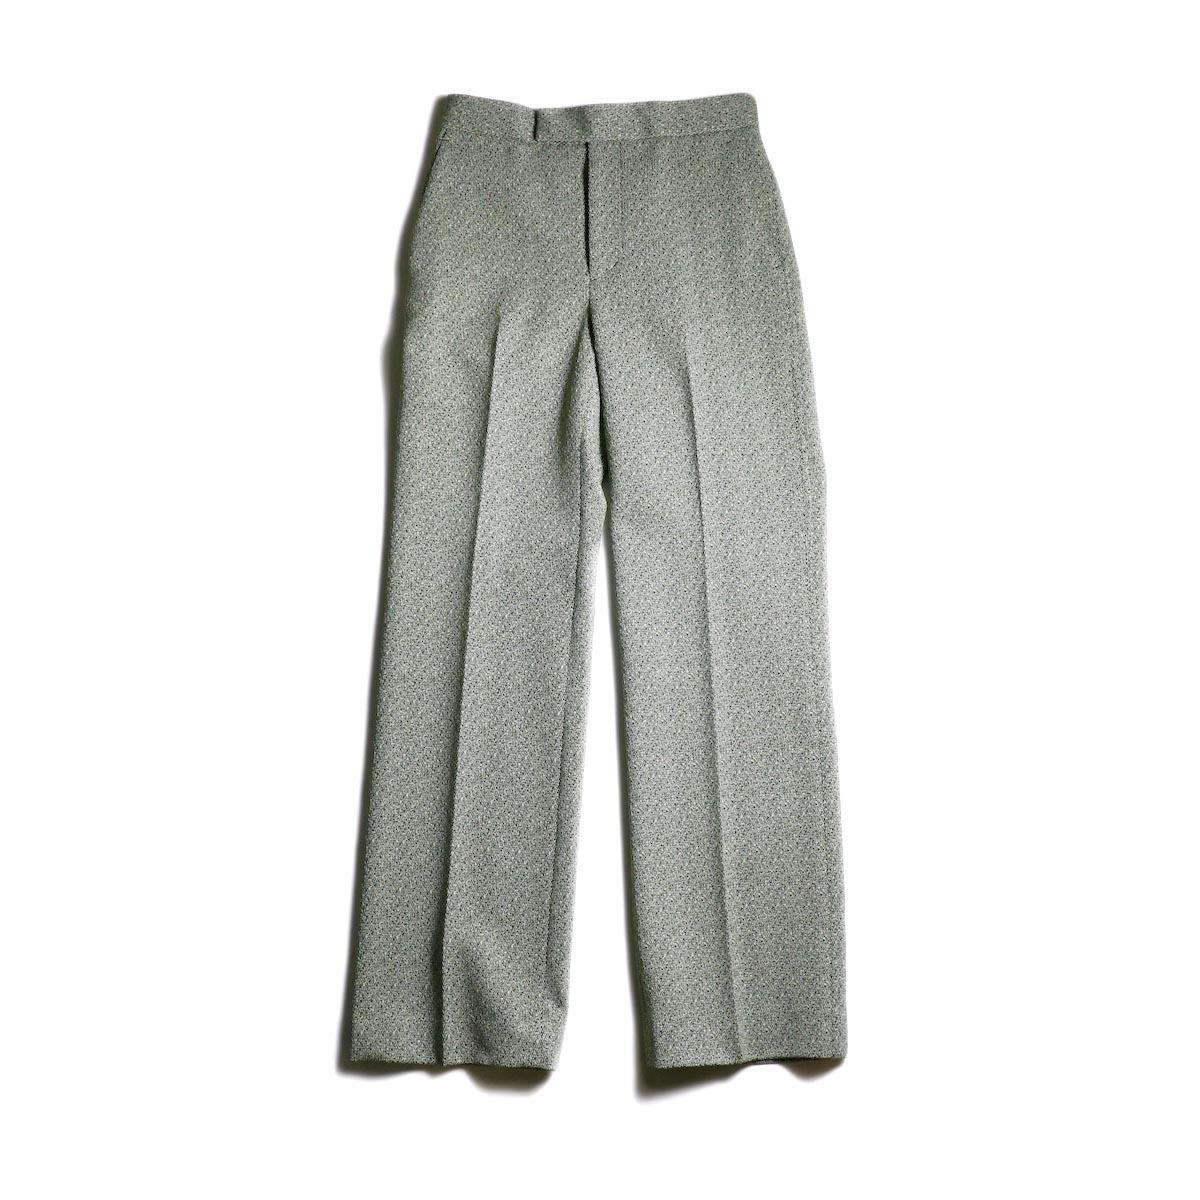 FUMIKA UCHIDA / Poli Tweed Straight Slacks -Green